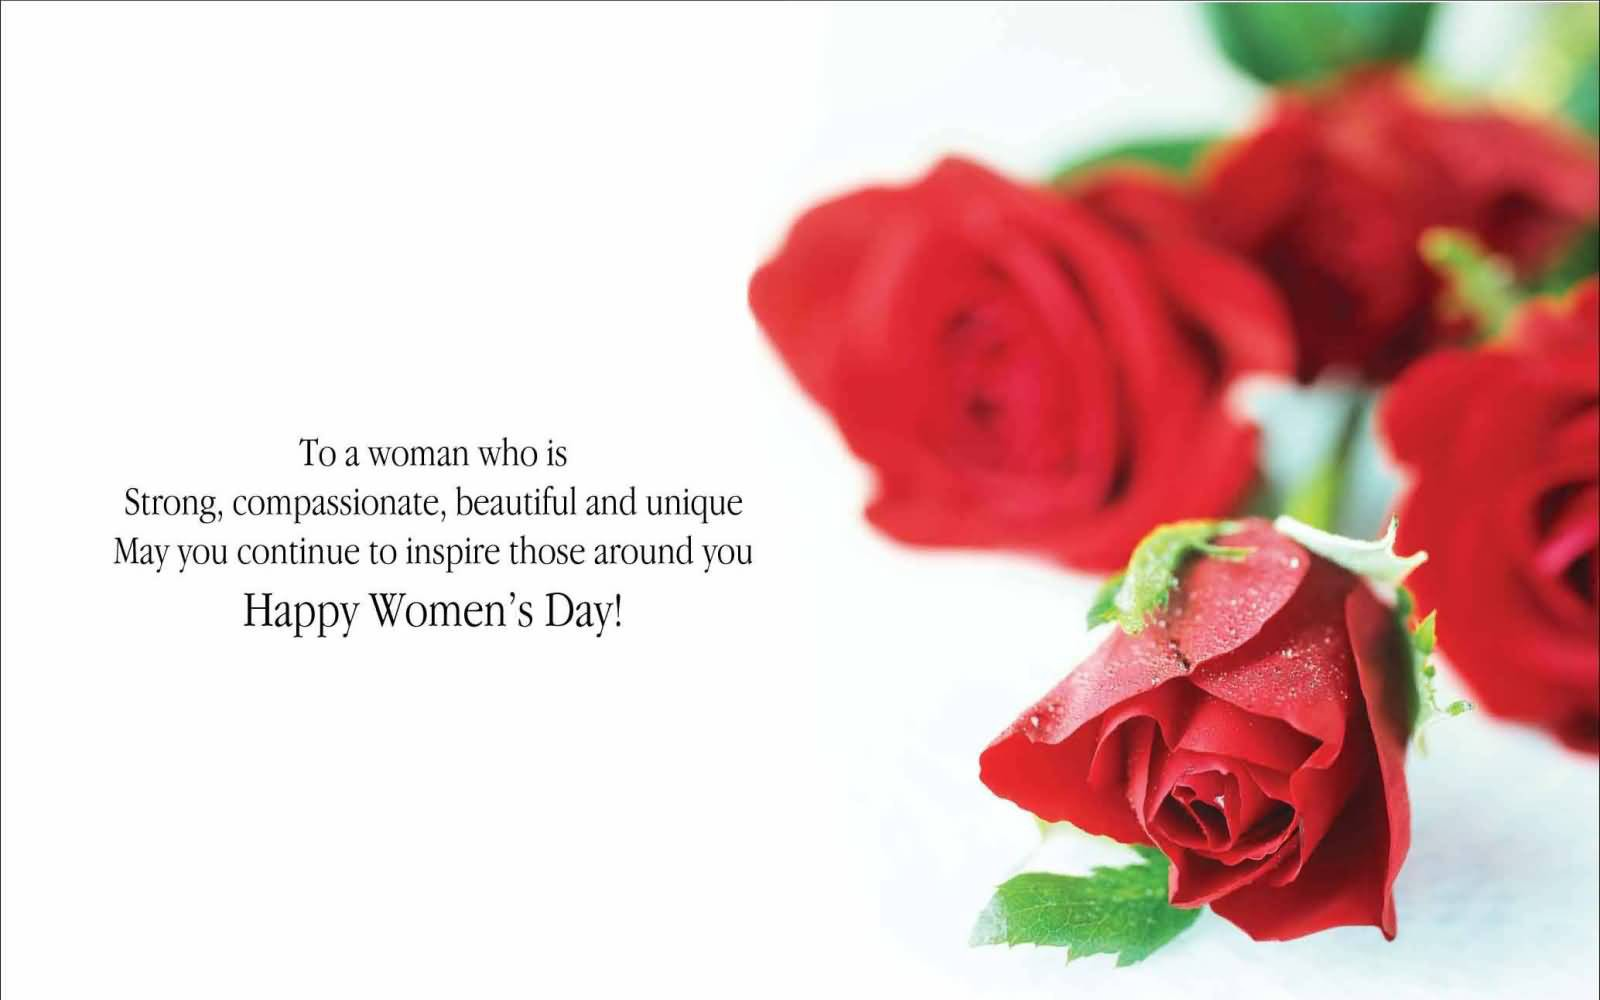 Ảnh đẹp tiếng ANh chúc mừng ngày phụ nữ